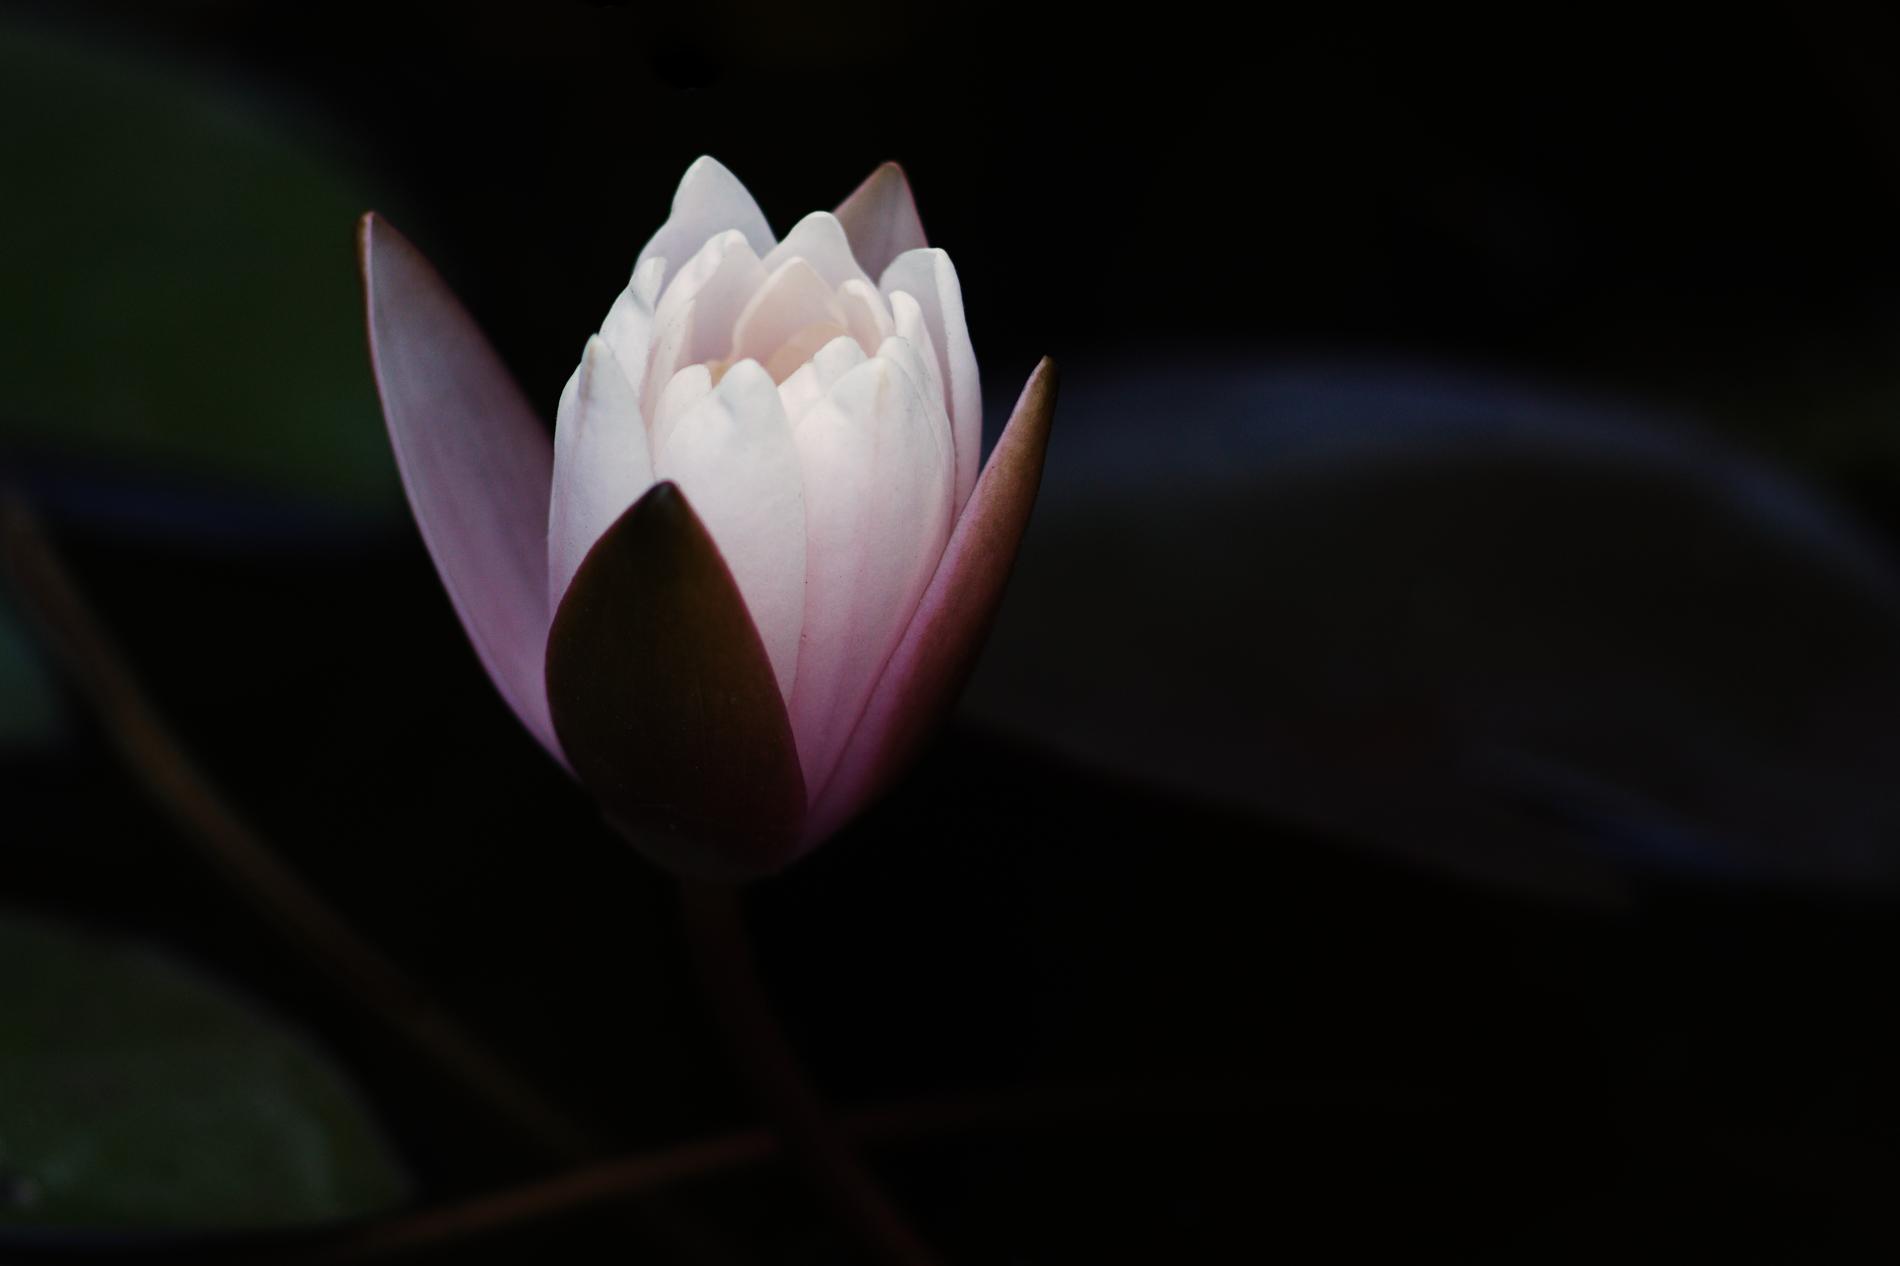 Hidden beauty #2